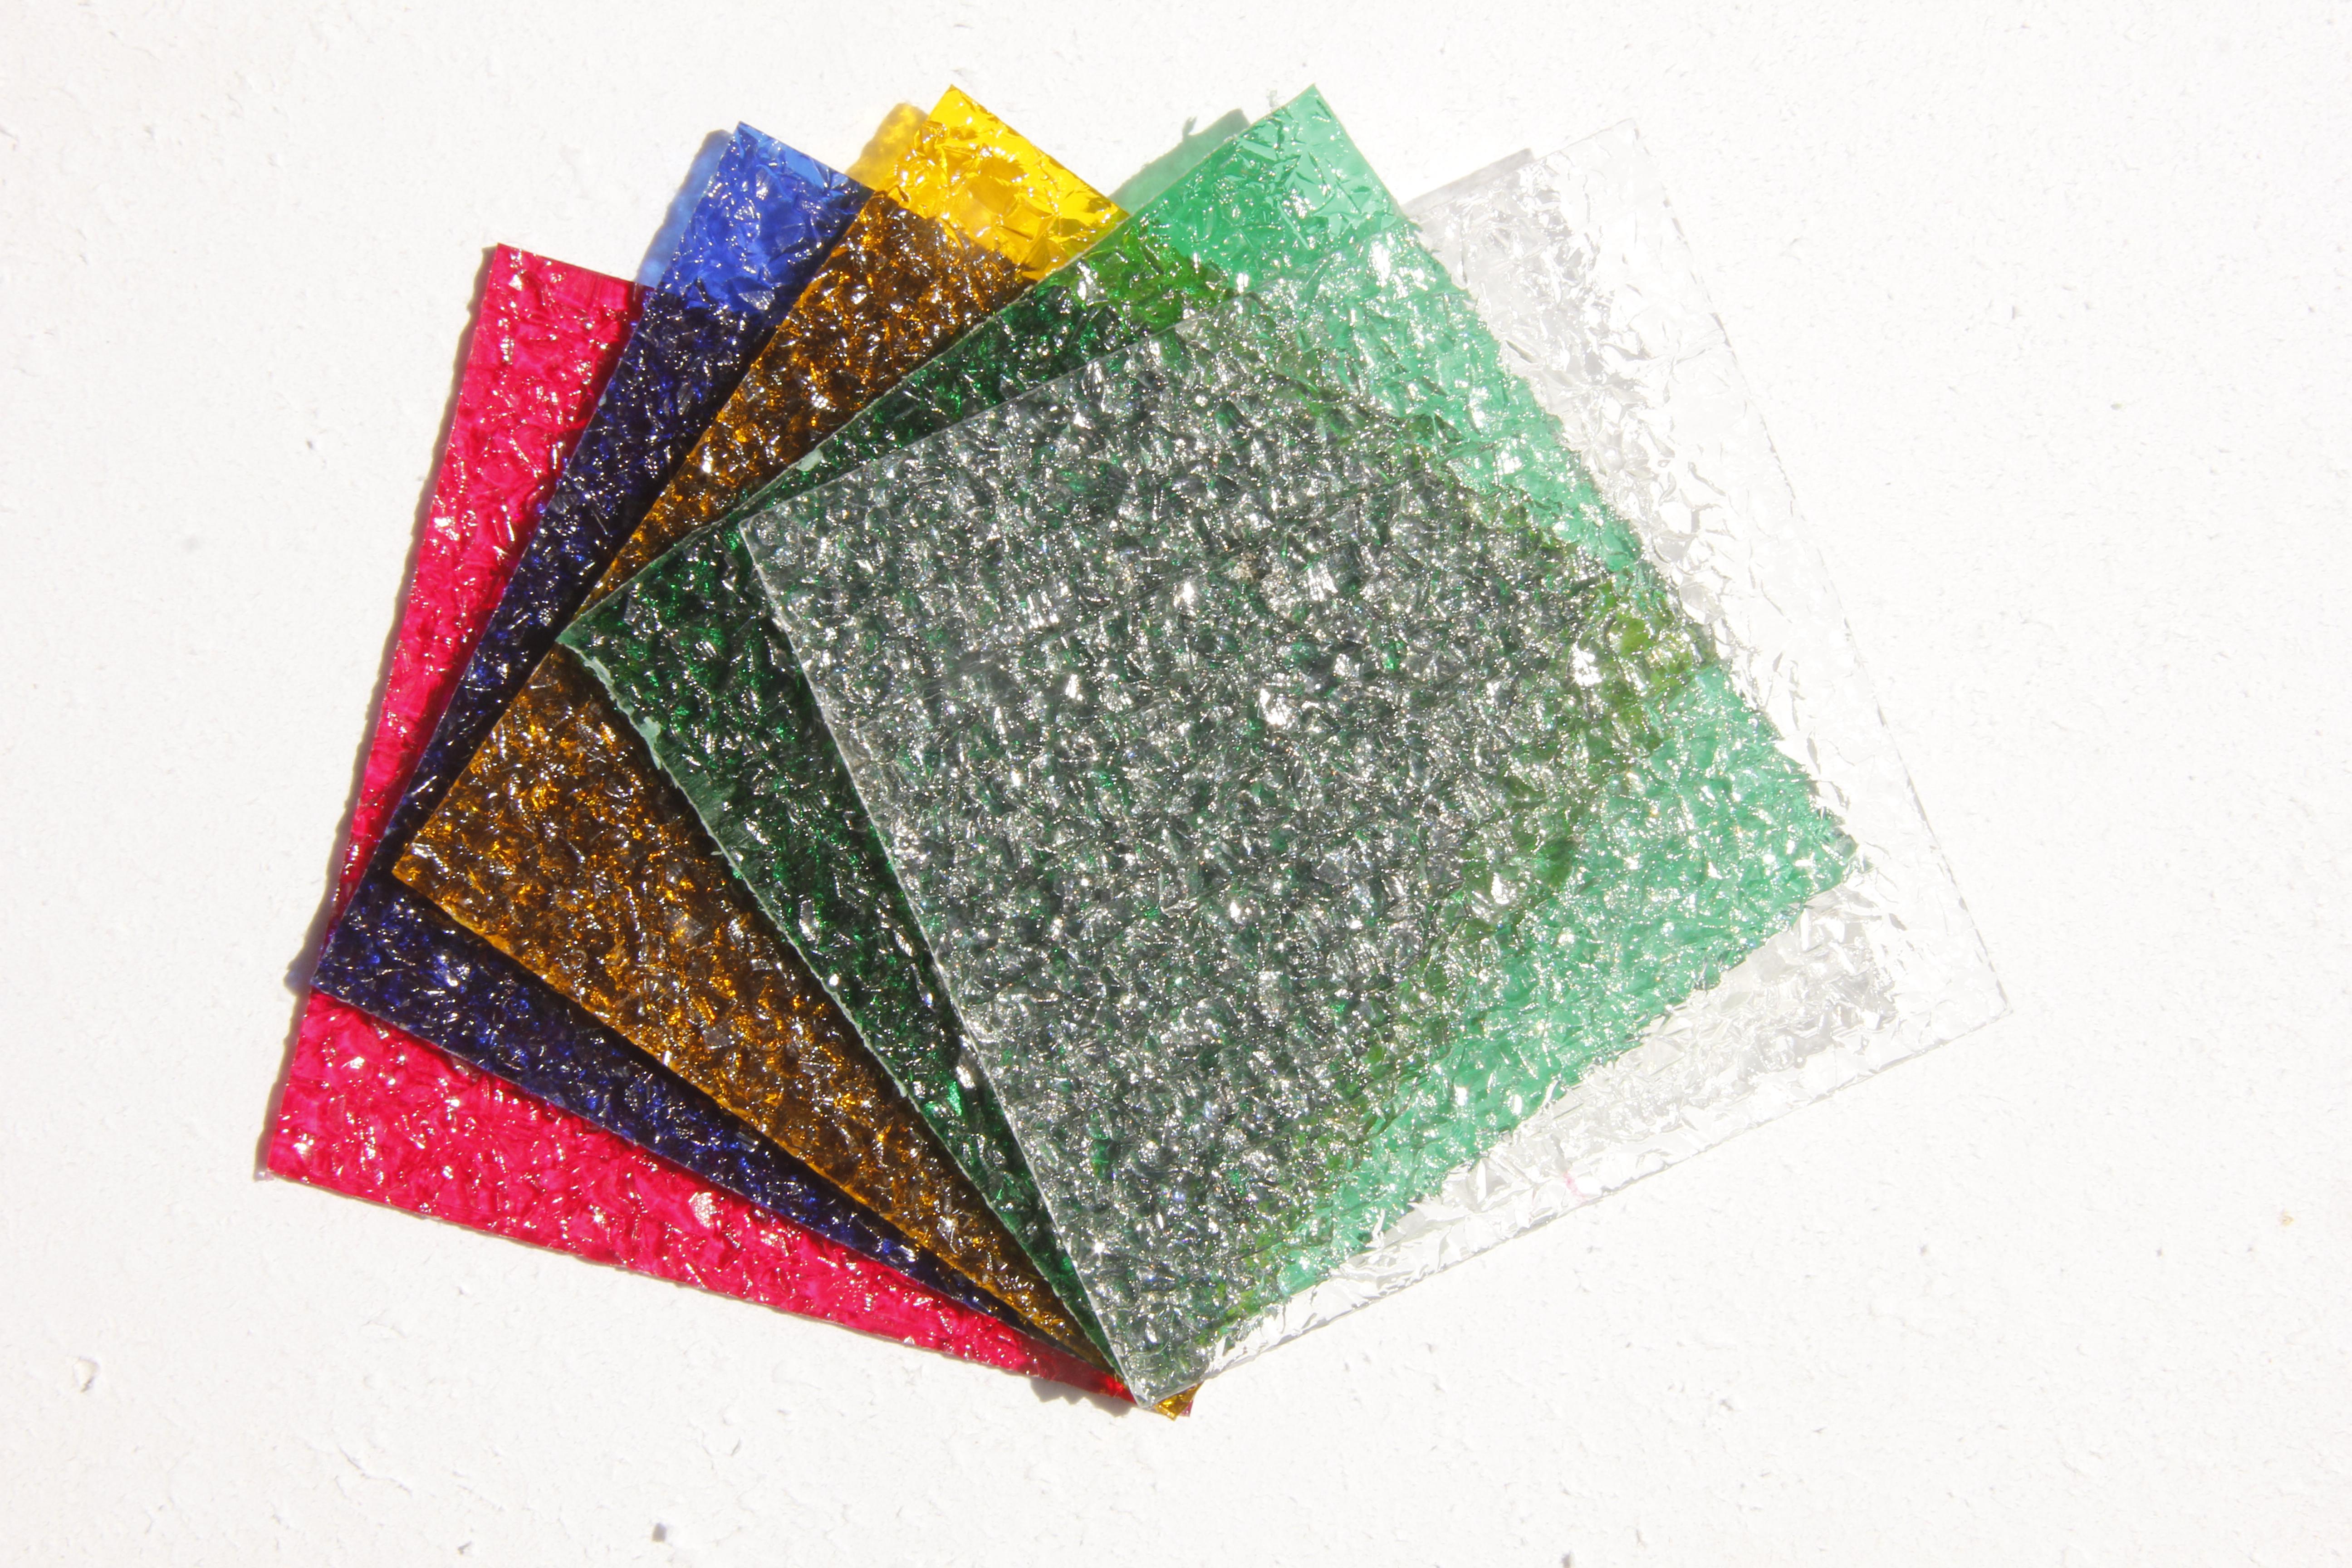 کریستال ساده - رنگی - طرح دار